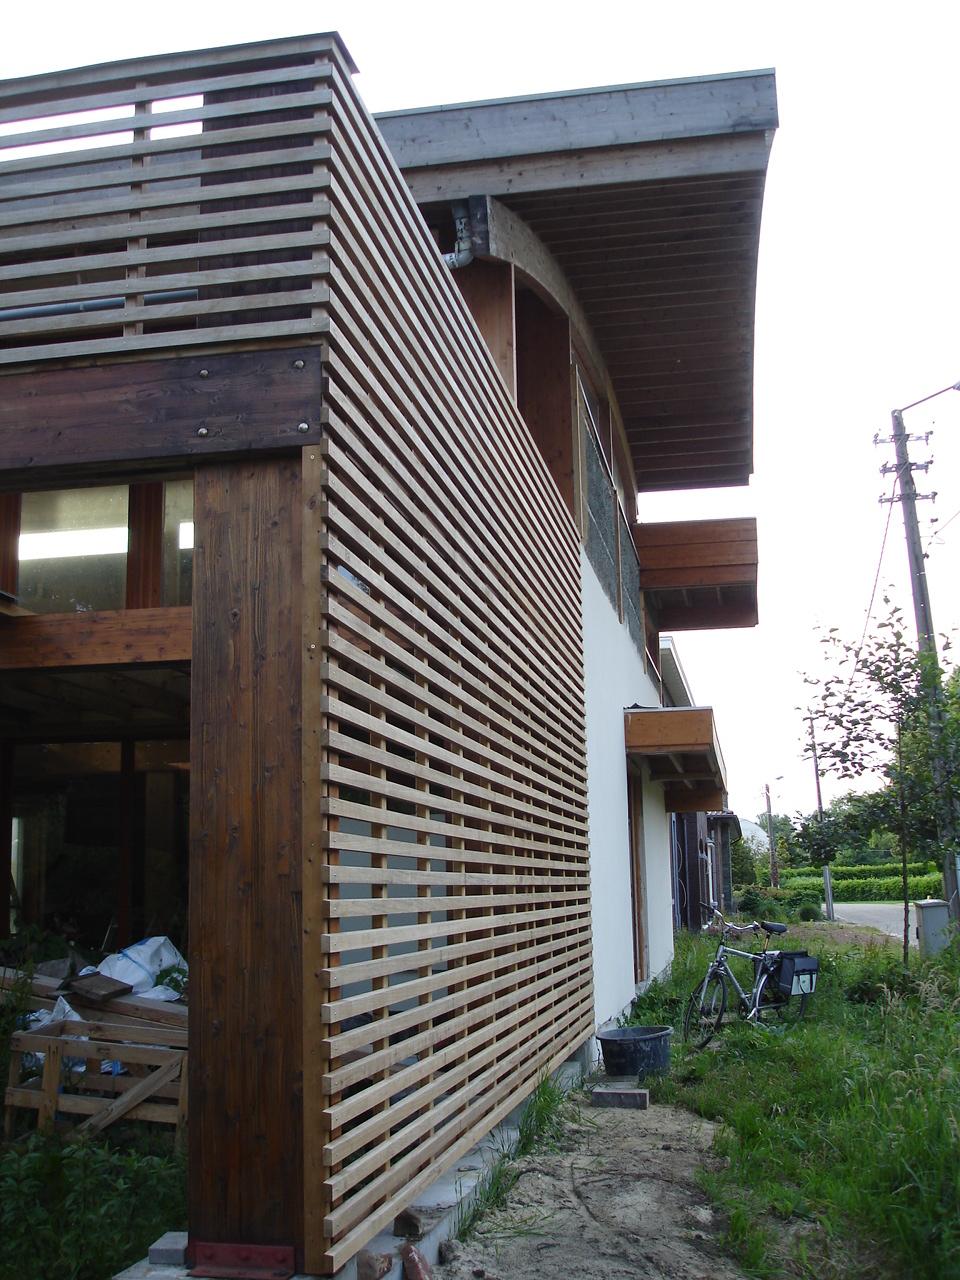 welke soort hout en richtprijs : Bouwinfo